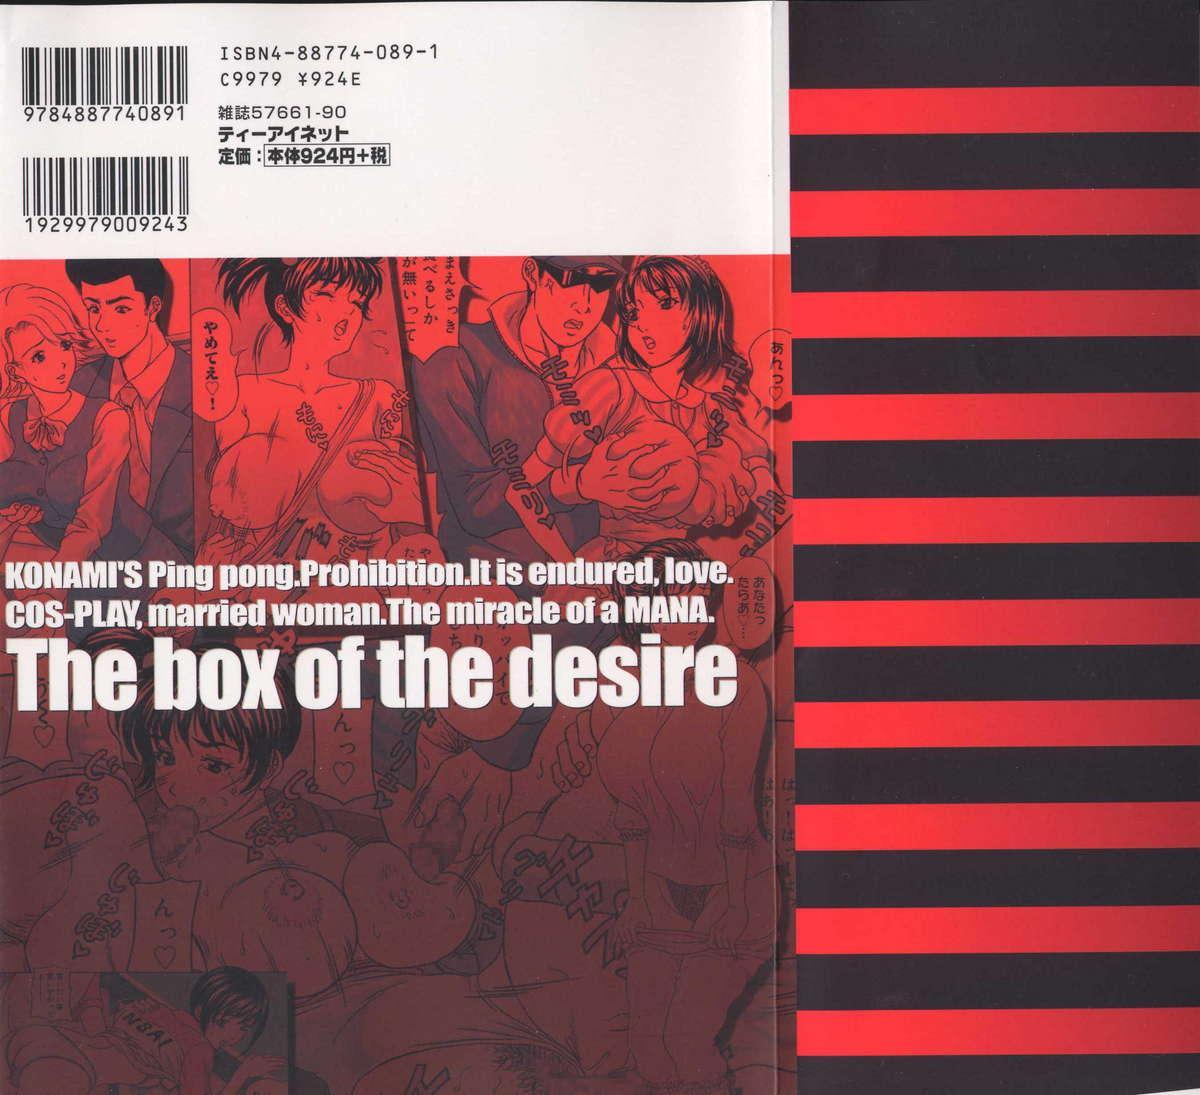 Yokubou no Hako - The Box of the Desire 1